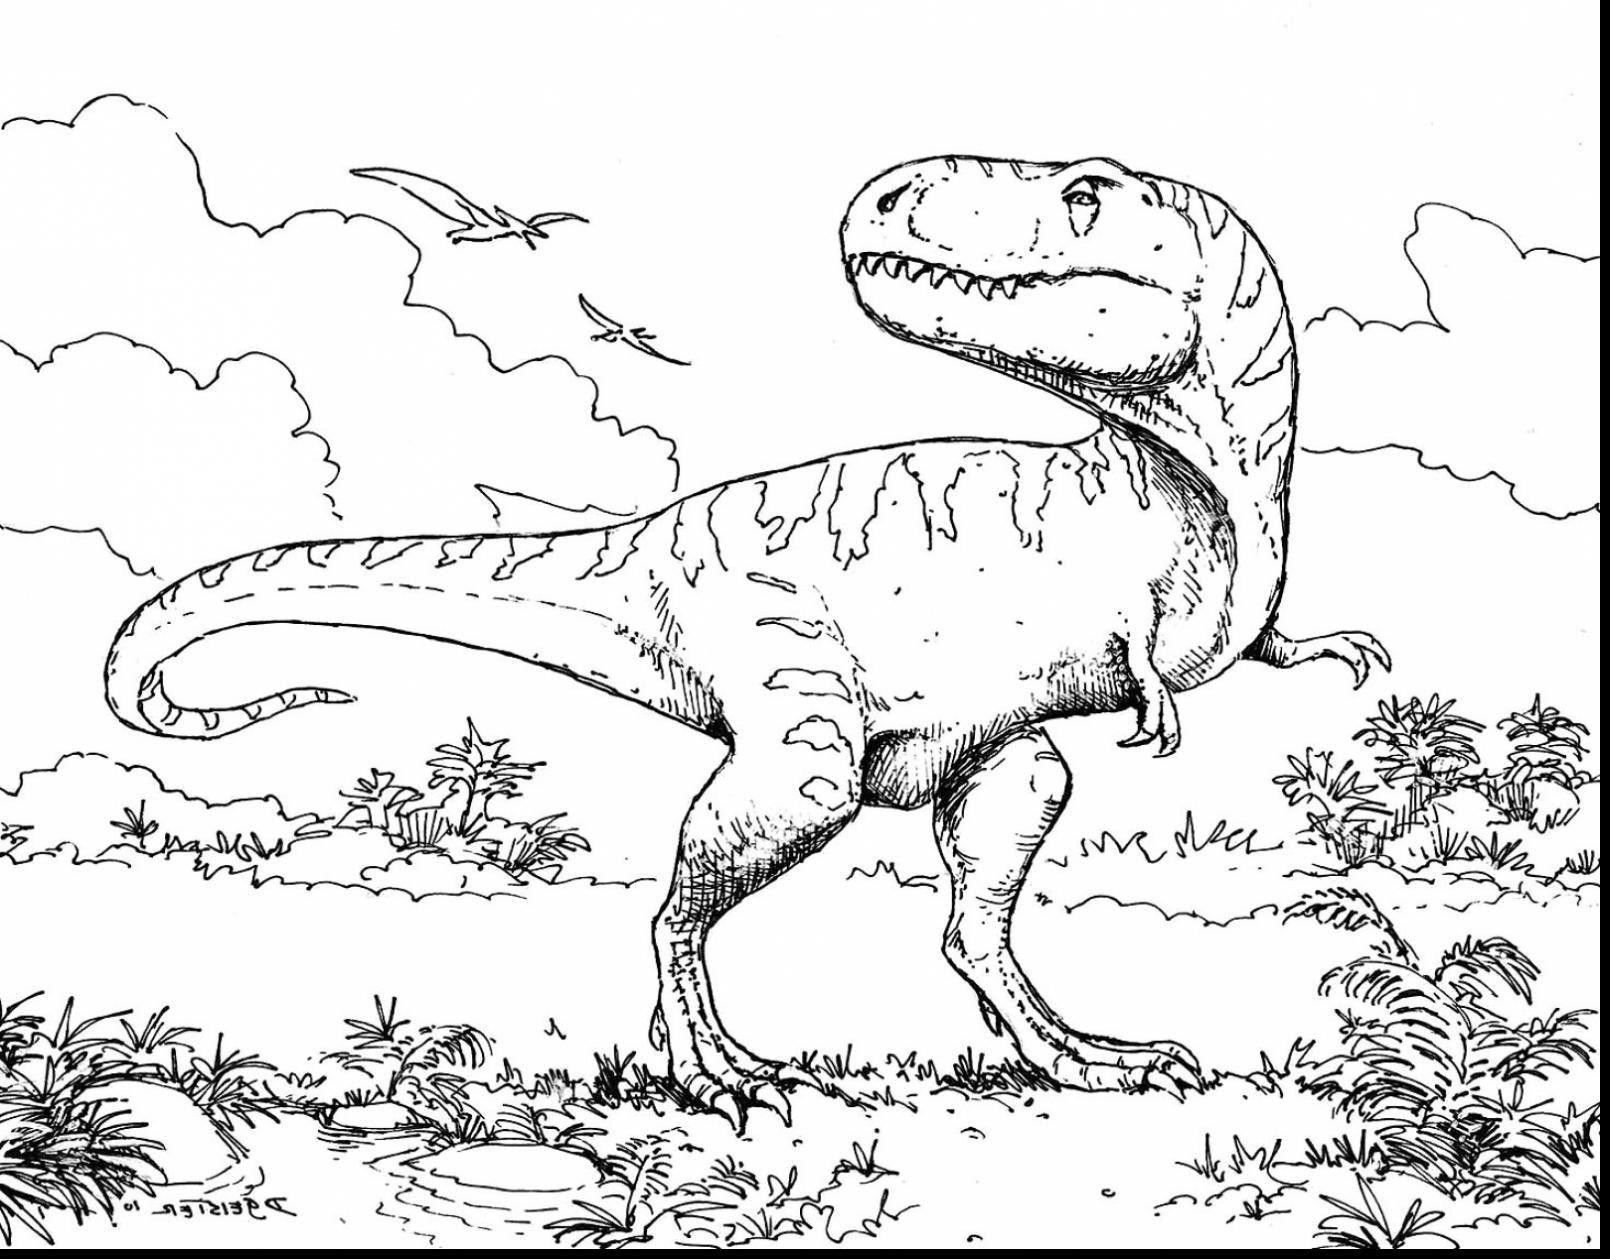 T Rex Disegni Da Colorare.T Rex Da Colorare Lusso T Rex Coloring Page T Rex Coloring Pages For Preschoolers Of T Rex Da Nel 2020 Pagine Da Colorare Colori